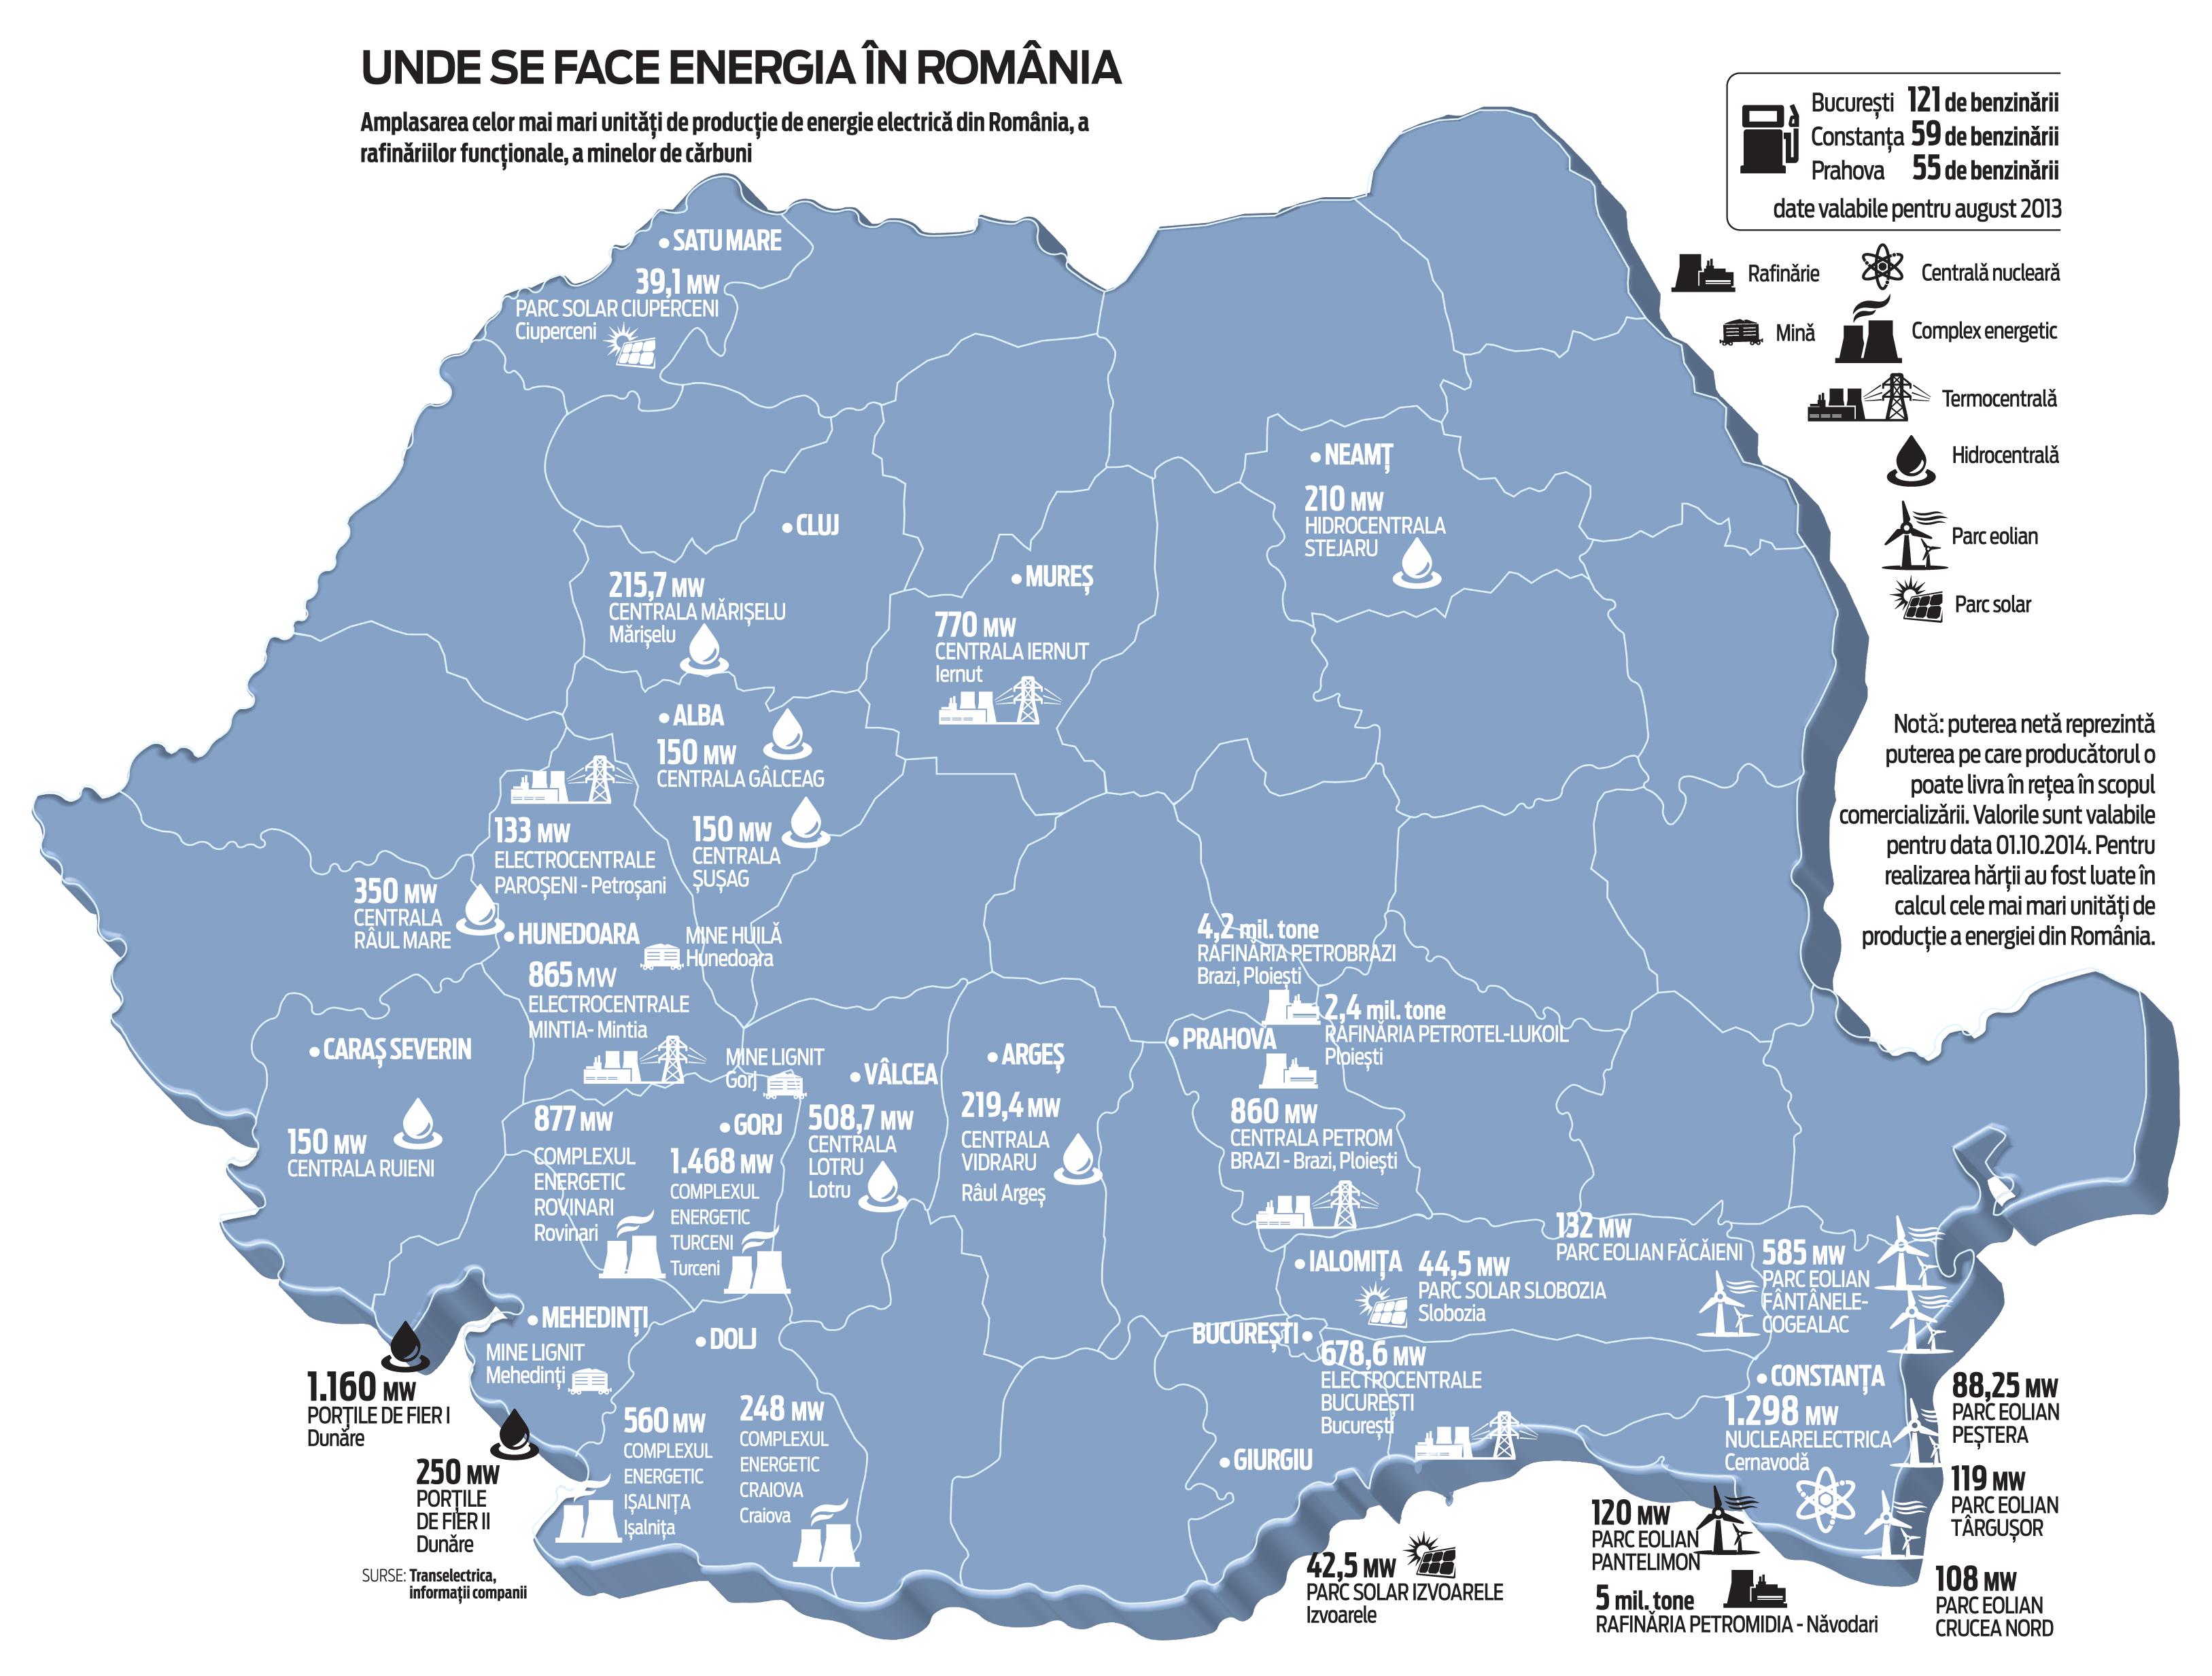 Harta Energiei Unde Sunt Cele Mai Mari Termocentrale Sau